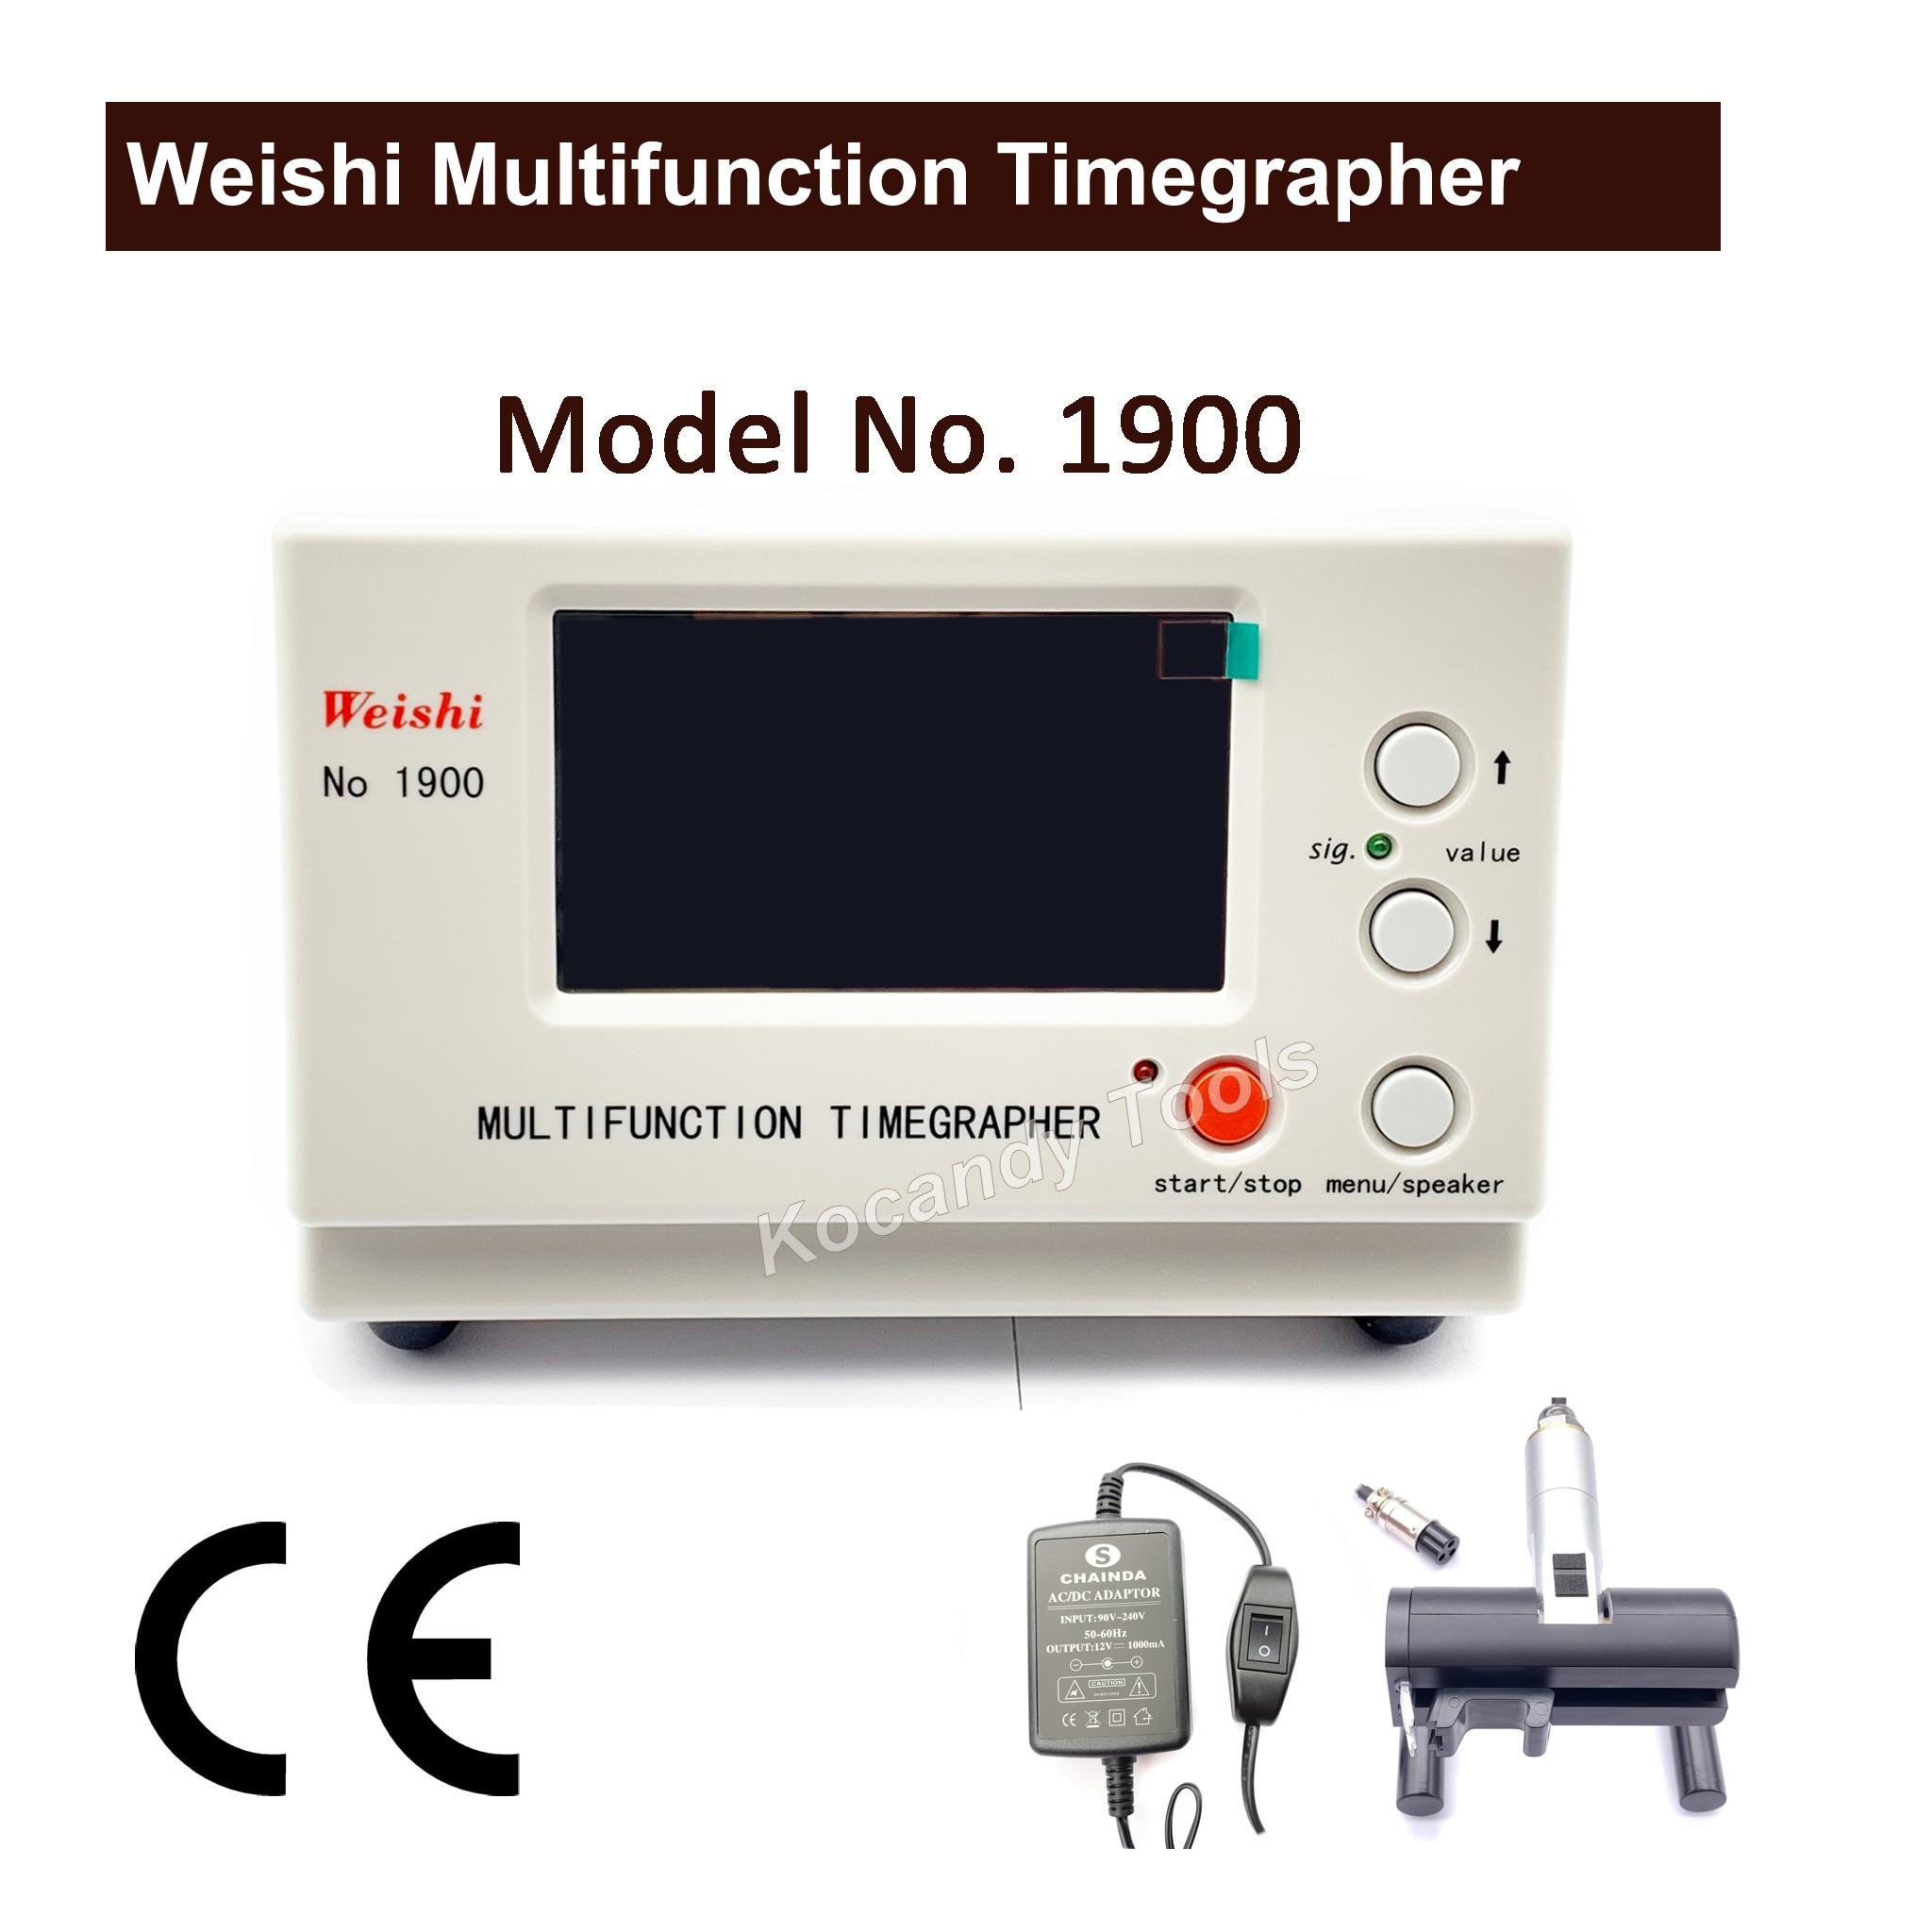 Weishi 1900 متعددة الوظائف Timegrapher ، المهنية ووتش توقيت آلة متعددة الوظائف Timegrapher ل الساعاتيون أدوات إصلاح-في أدوات ومعدات إصلاح من ساعات اليد على  مجموعة 1